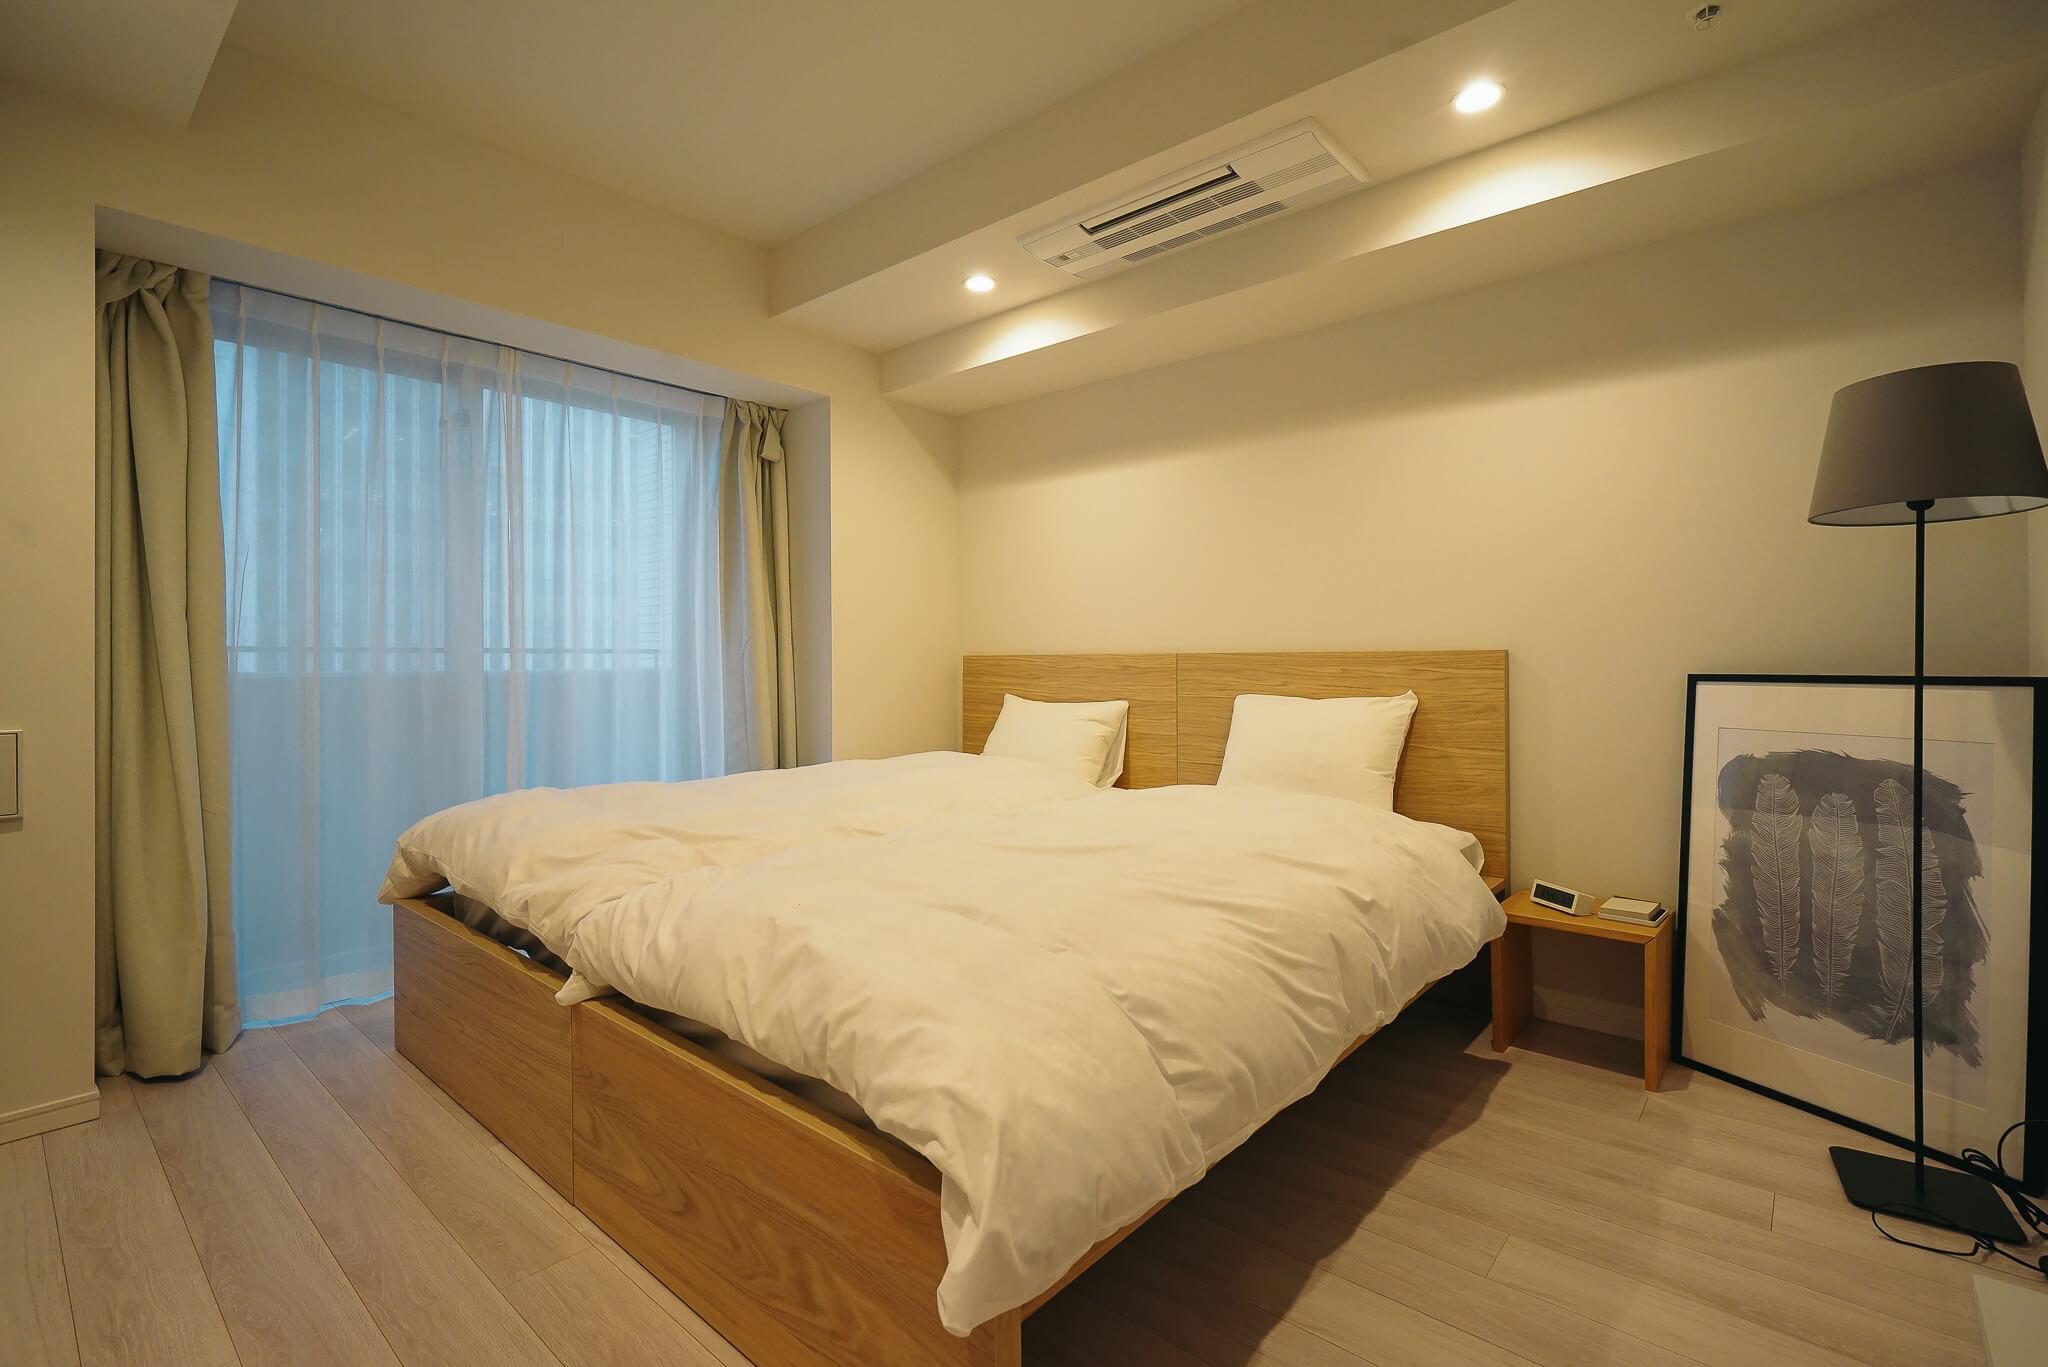 ゆったりした空間に、床暖房や充実したキッチンスペース、オーバーヘッドシャワー、打たせ湯機能などのついたバスルームなど、ひとつひとつの設備にこだわっています